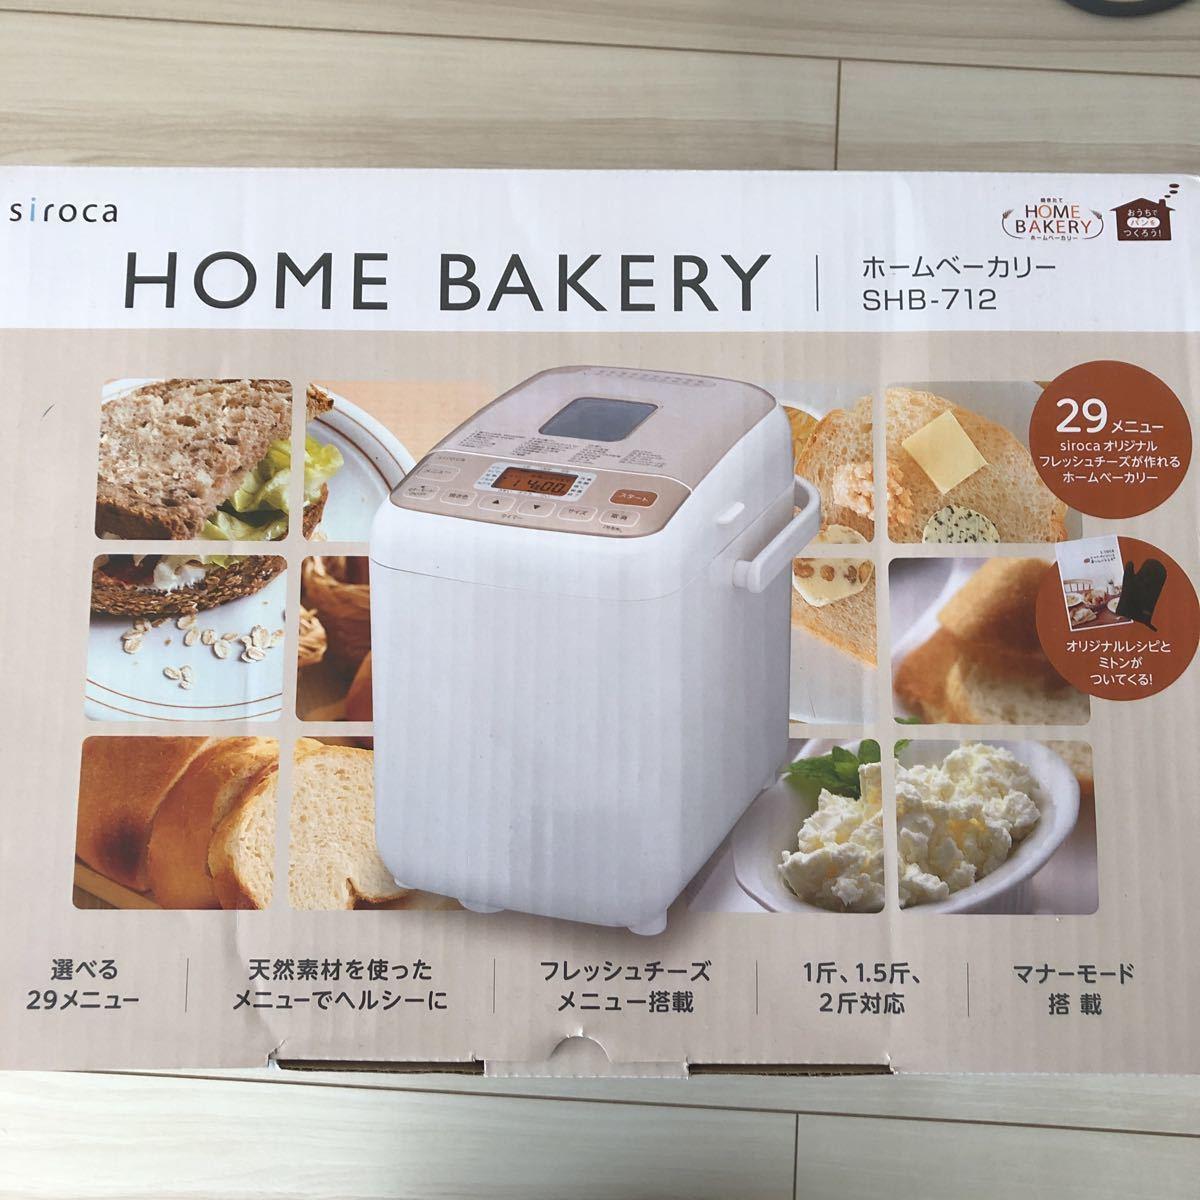 シロカ(siroca) SHB-712 [ホームベーカリー(2斤)] 29メニュー搭載 ライ麦 食パン フランスパン風 選べる焼き色 米粉パン 発酵 こねる _画像2